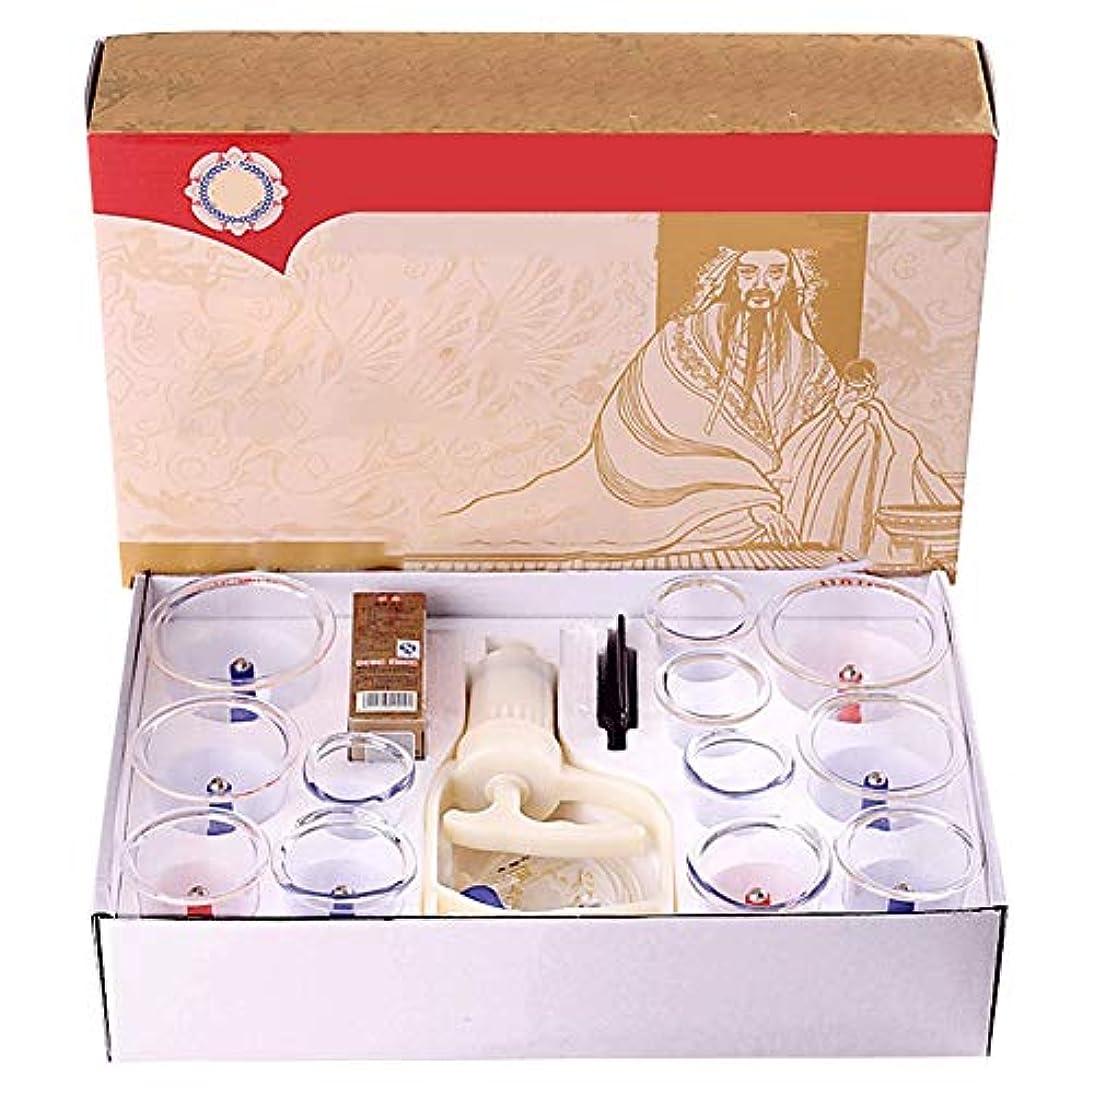 染料結論違法マッサージカッピングセット、耐久性のあるプロフェッショナルな中国のツボカッピング療法、ポータブルパッケージ、ボディマッサージの痛みを軽減する理学療法12カップ